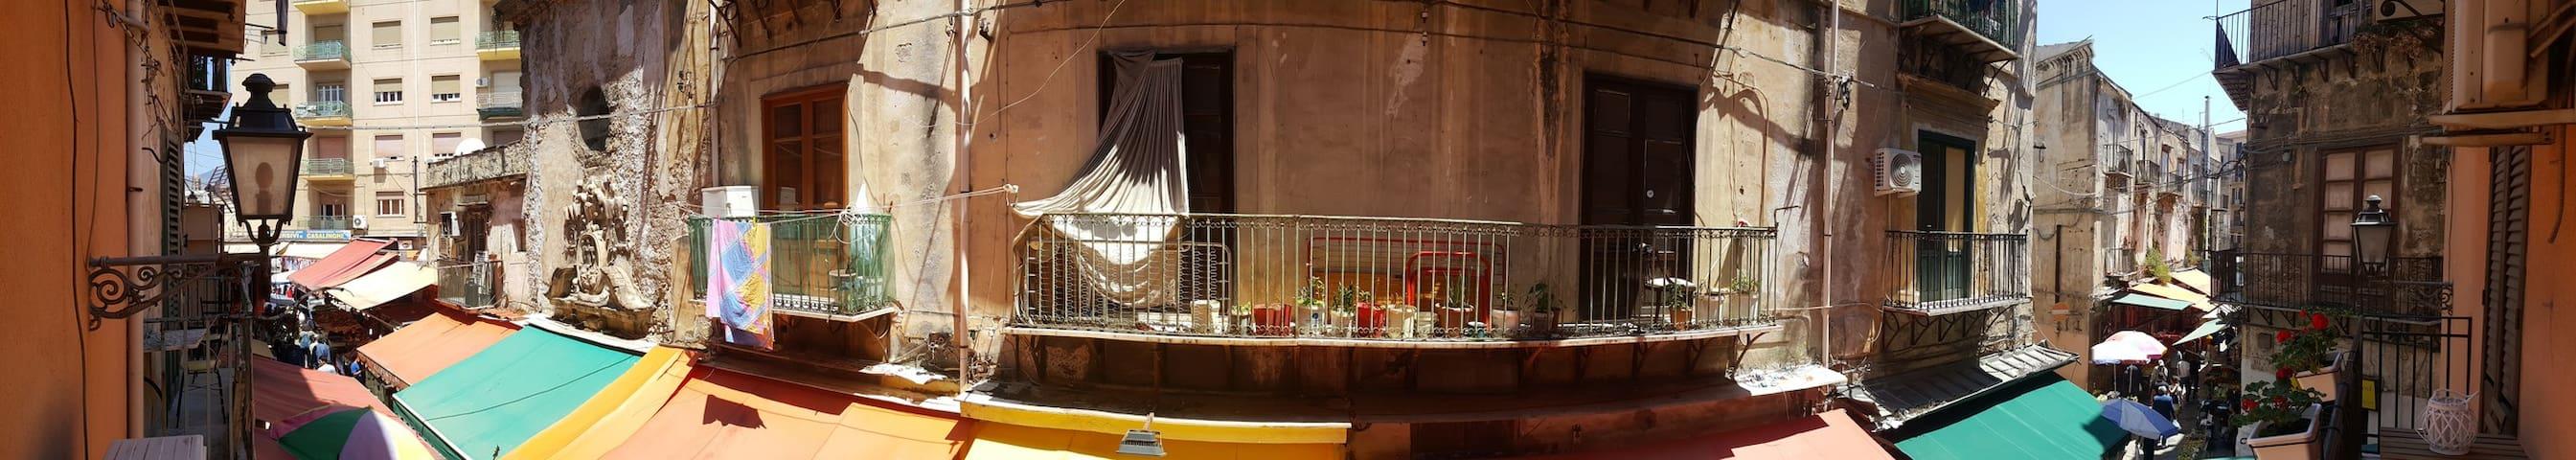 Soglia Marmo Porta Ingresso airbnb® | sant'erasmo, palermo - vacation rentals & places